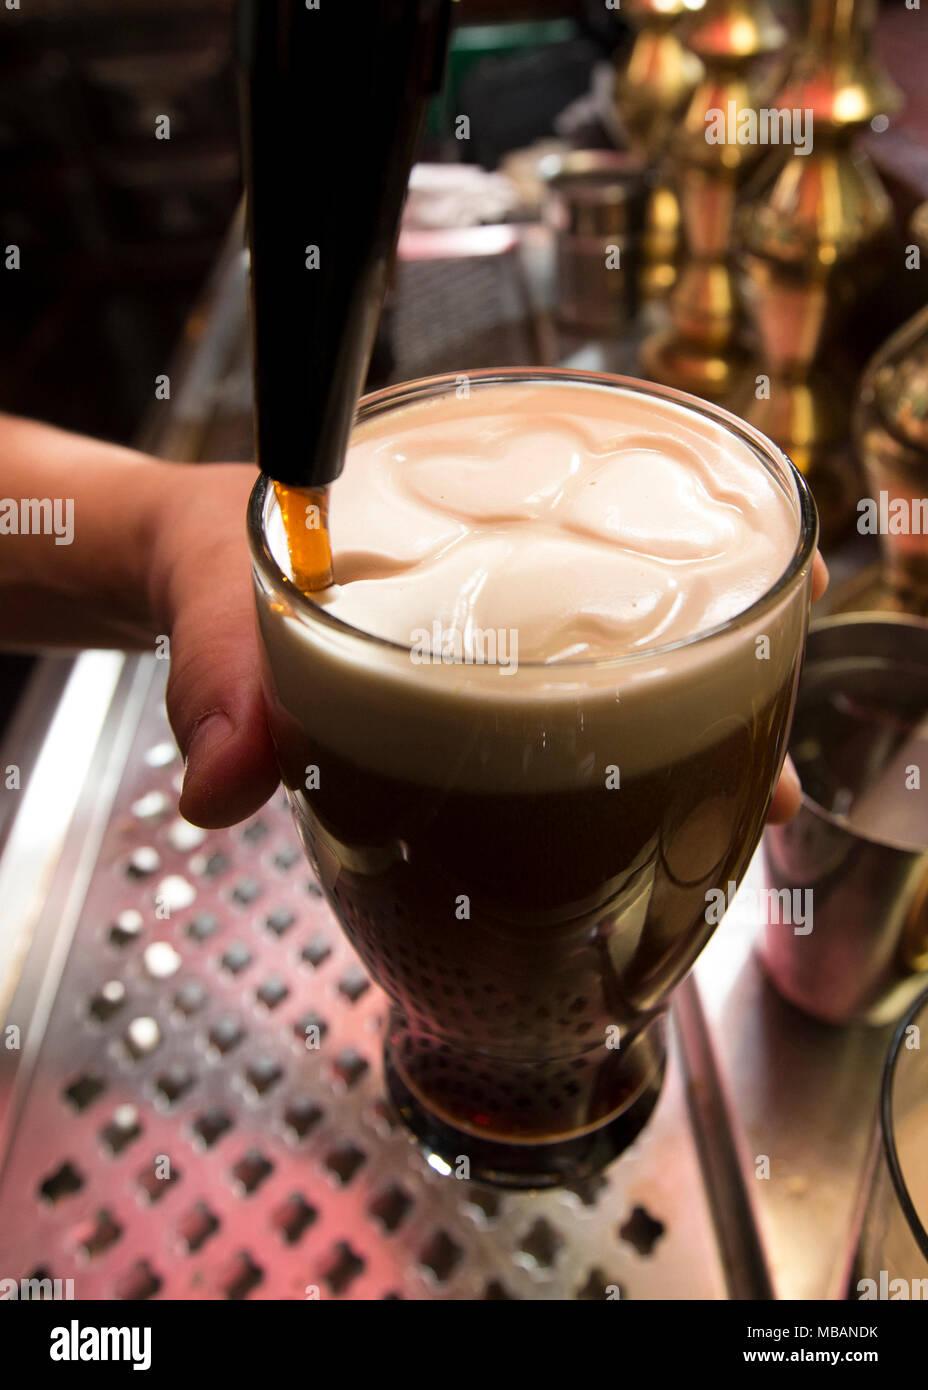 Nahaufnahme von einem Barkeeper Zeichnung ein Kleeblatt in der Bier Schaum mit dem Bier. Er gießt ein dunkel schwarz irisches Bier an der Theke. Stockbild